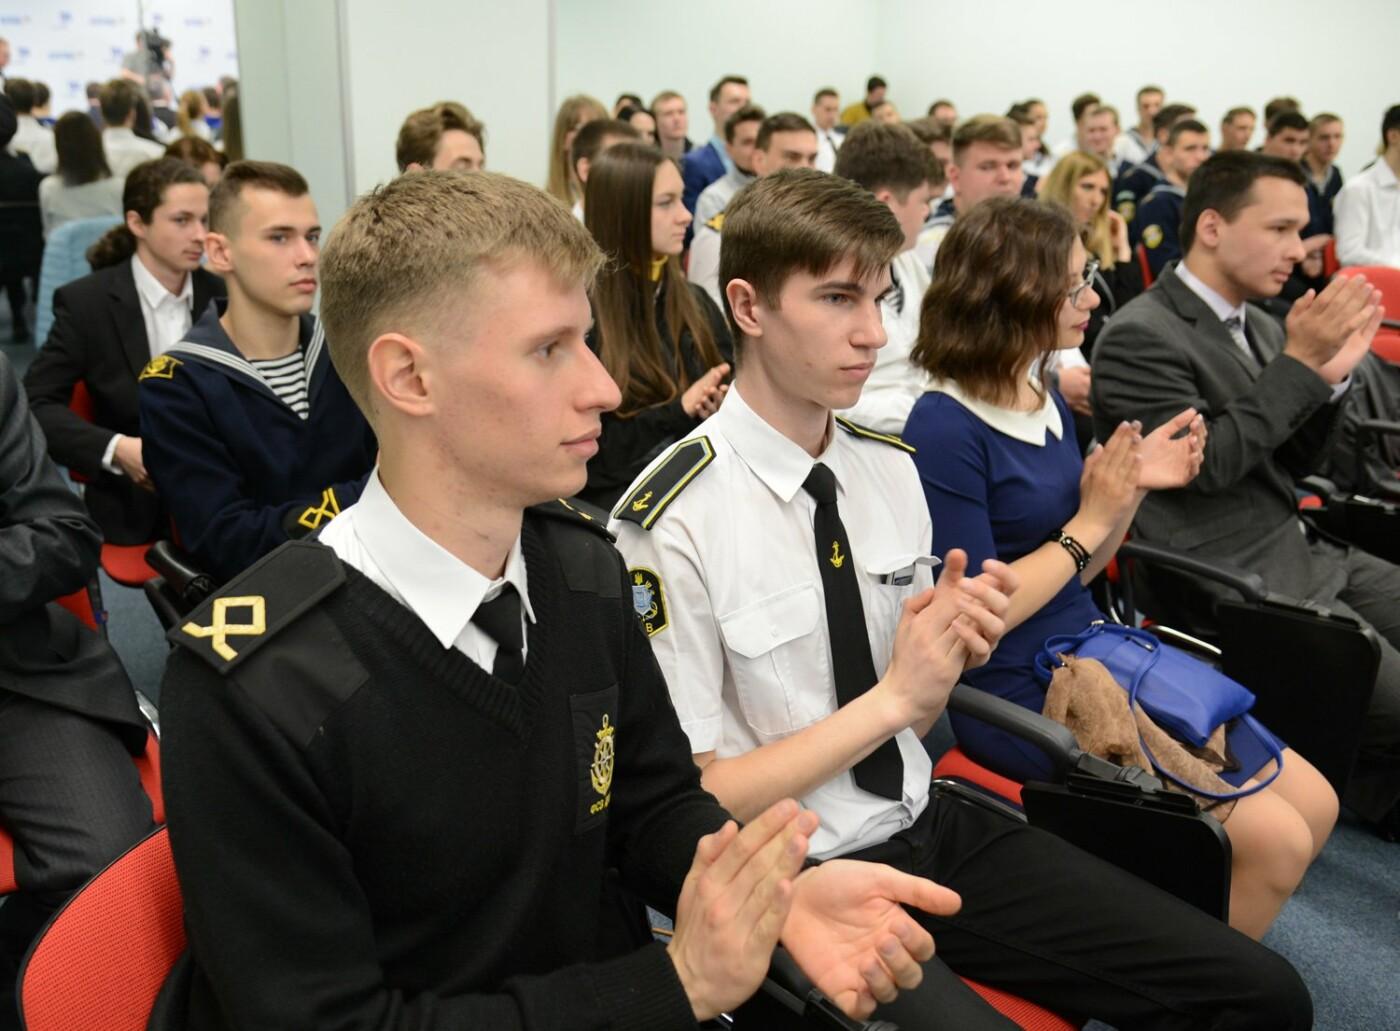 Борис Колесников отправляет лучших студентов Донетчины на выставку в Грецию, фото-1